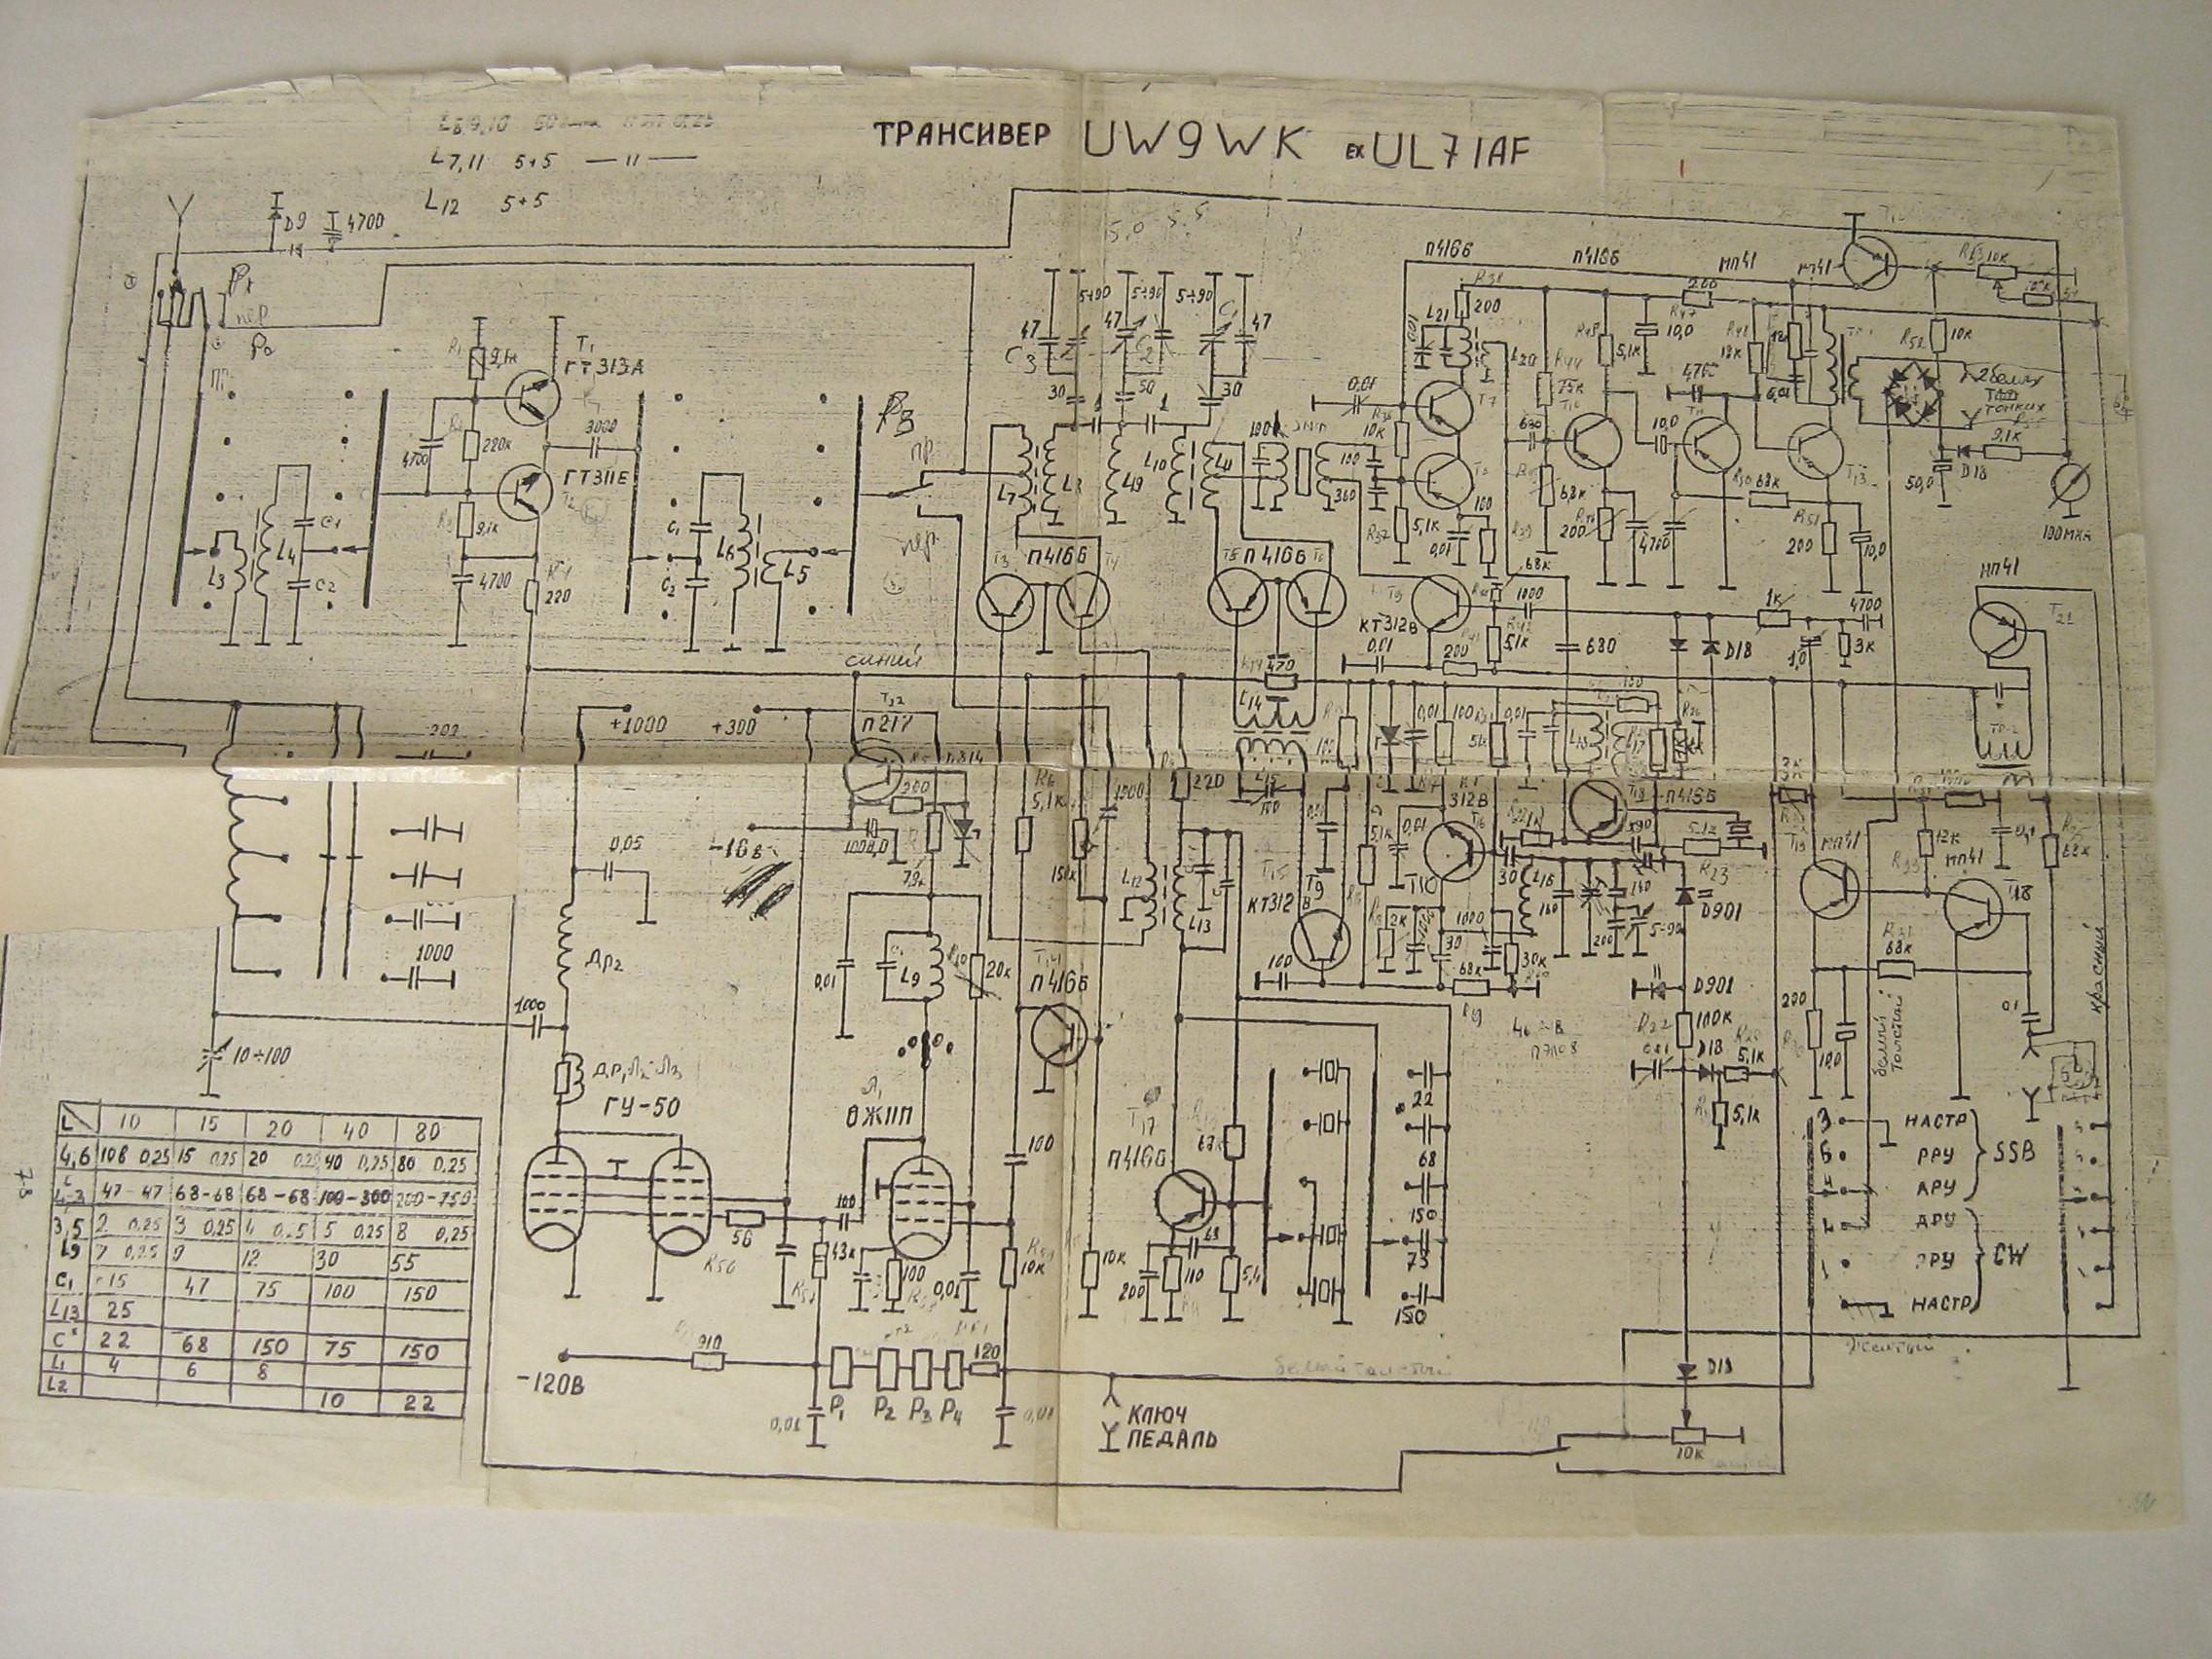 Лампово-полупроводниковый трансивер конструкции Фогеля Ю.В. (UW9WK) .